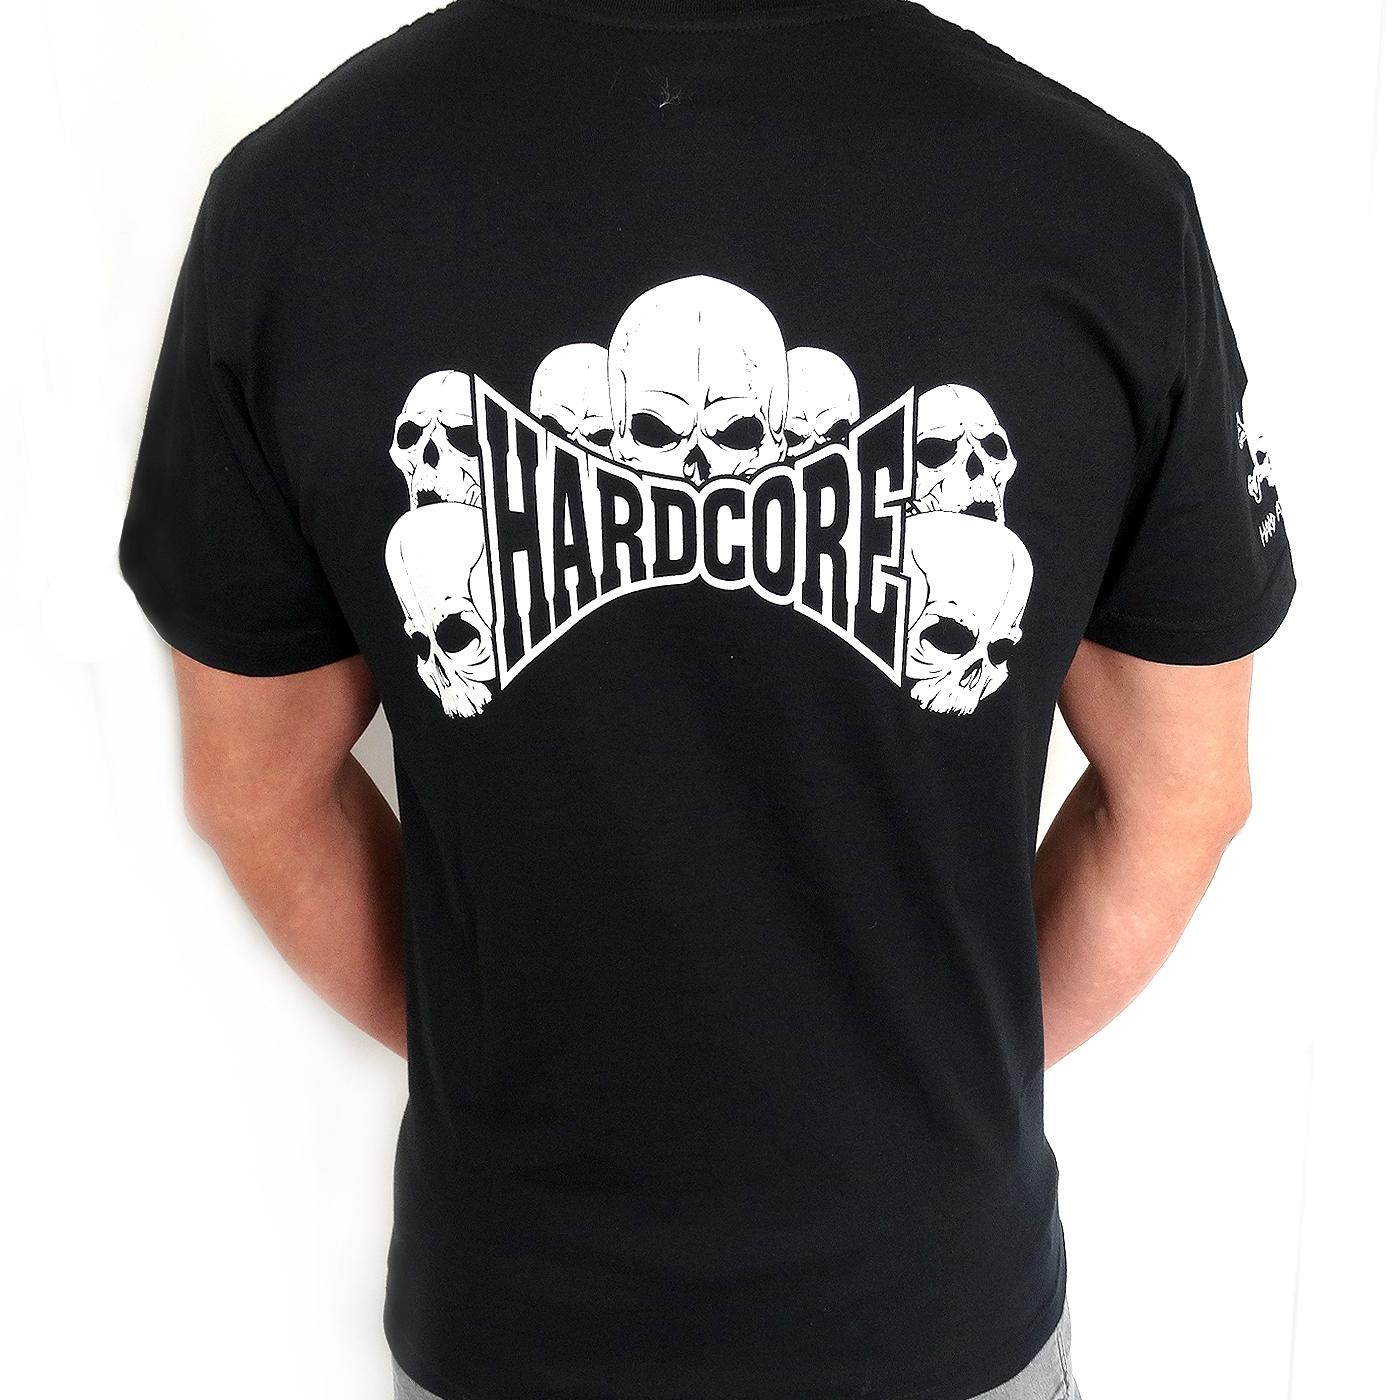 Hardcore Shirts 71